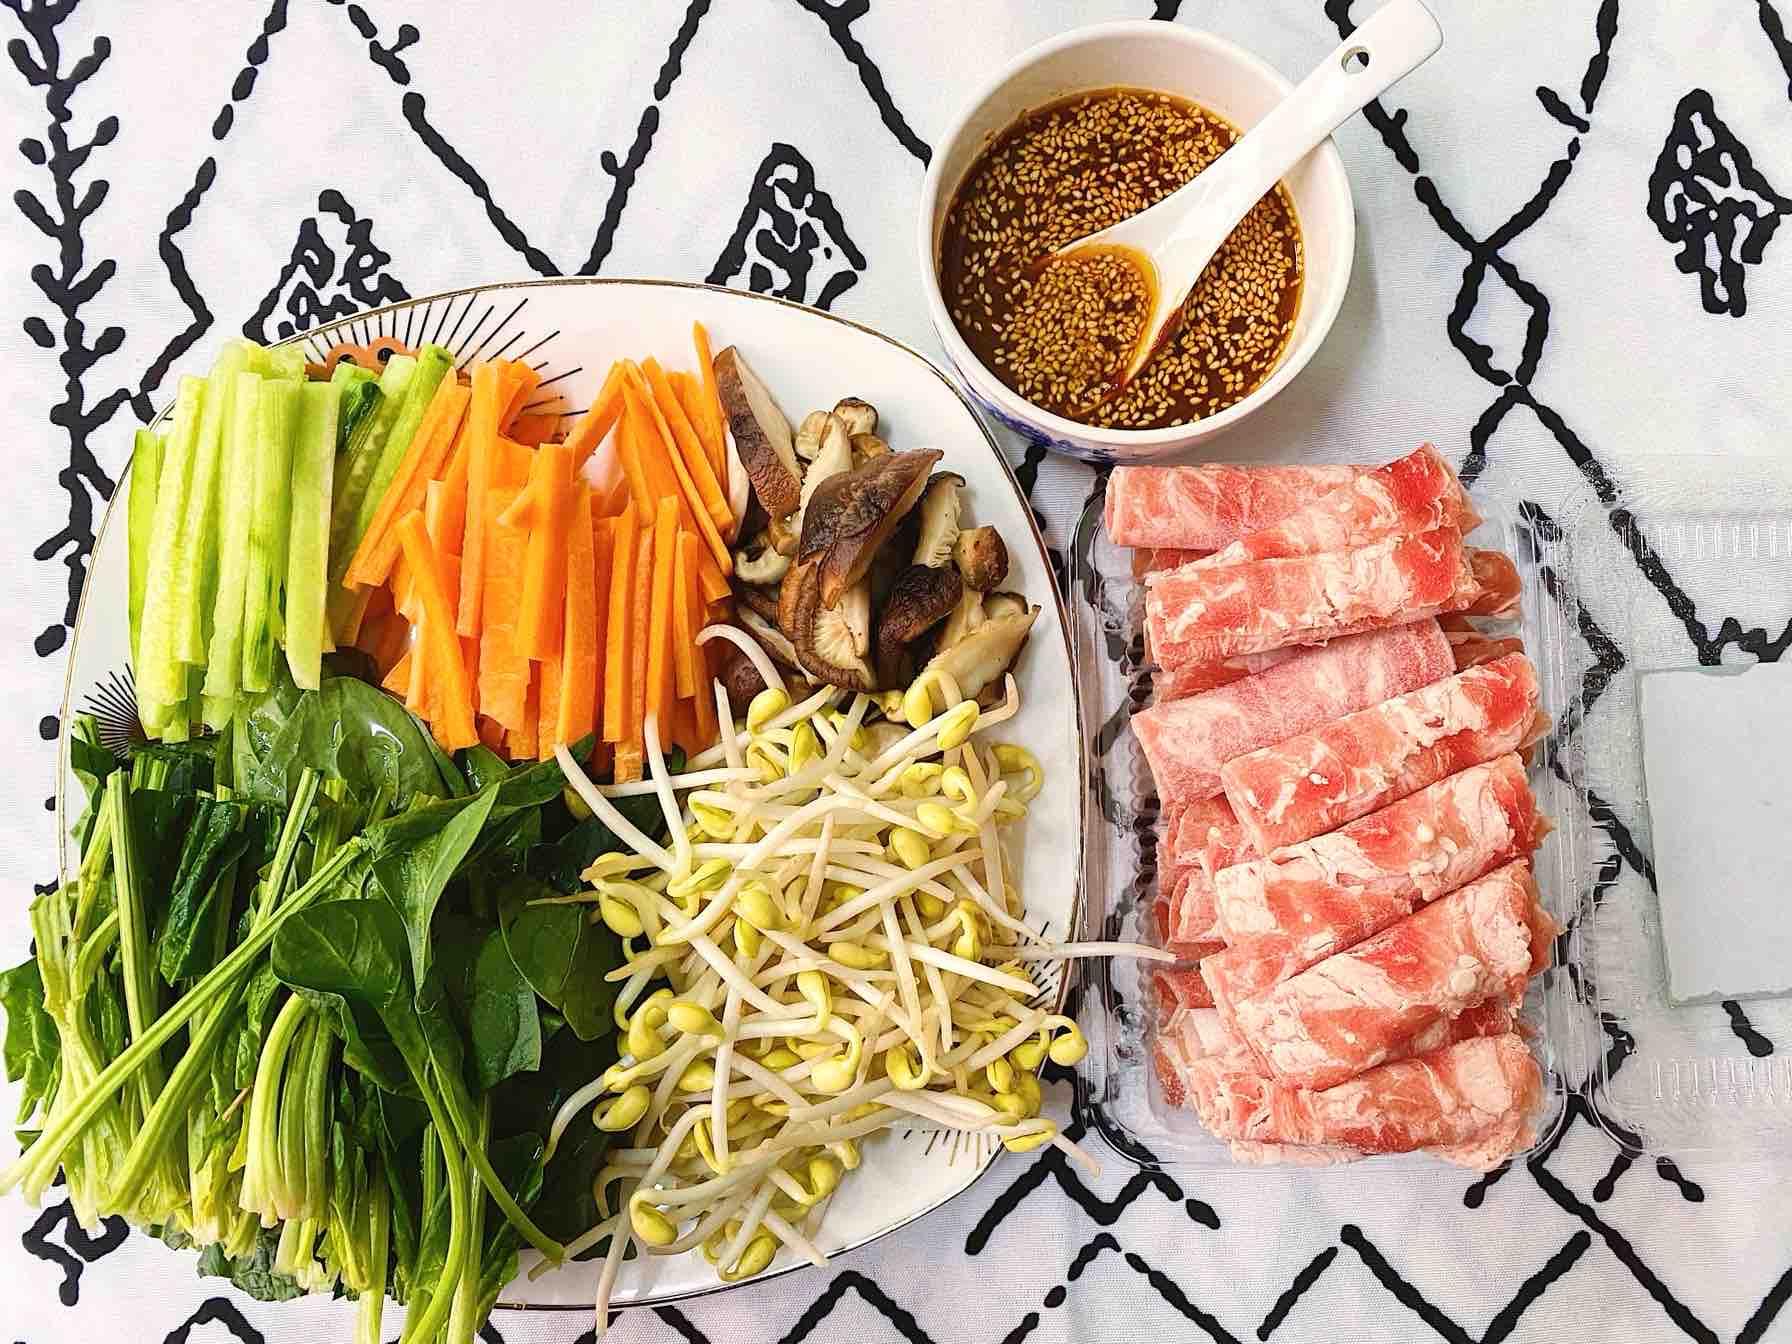 手残党必备|分分钟光盘的韩式肥牛饭的做法大全